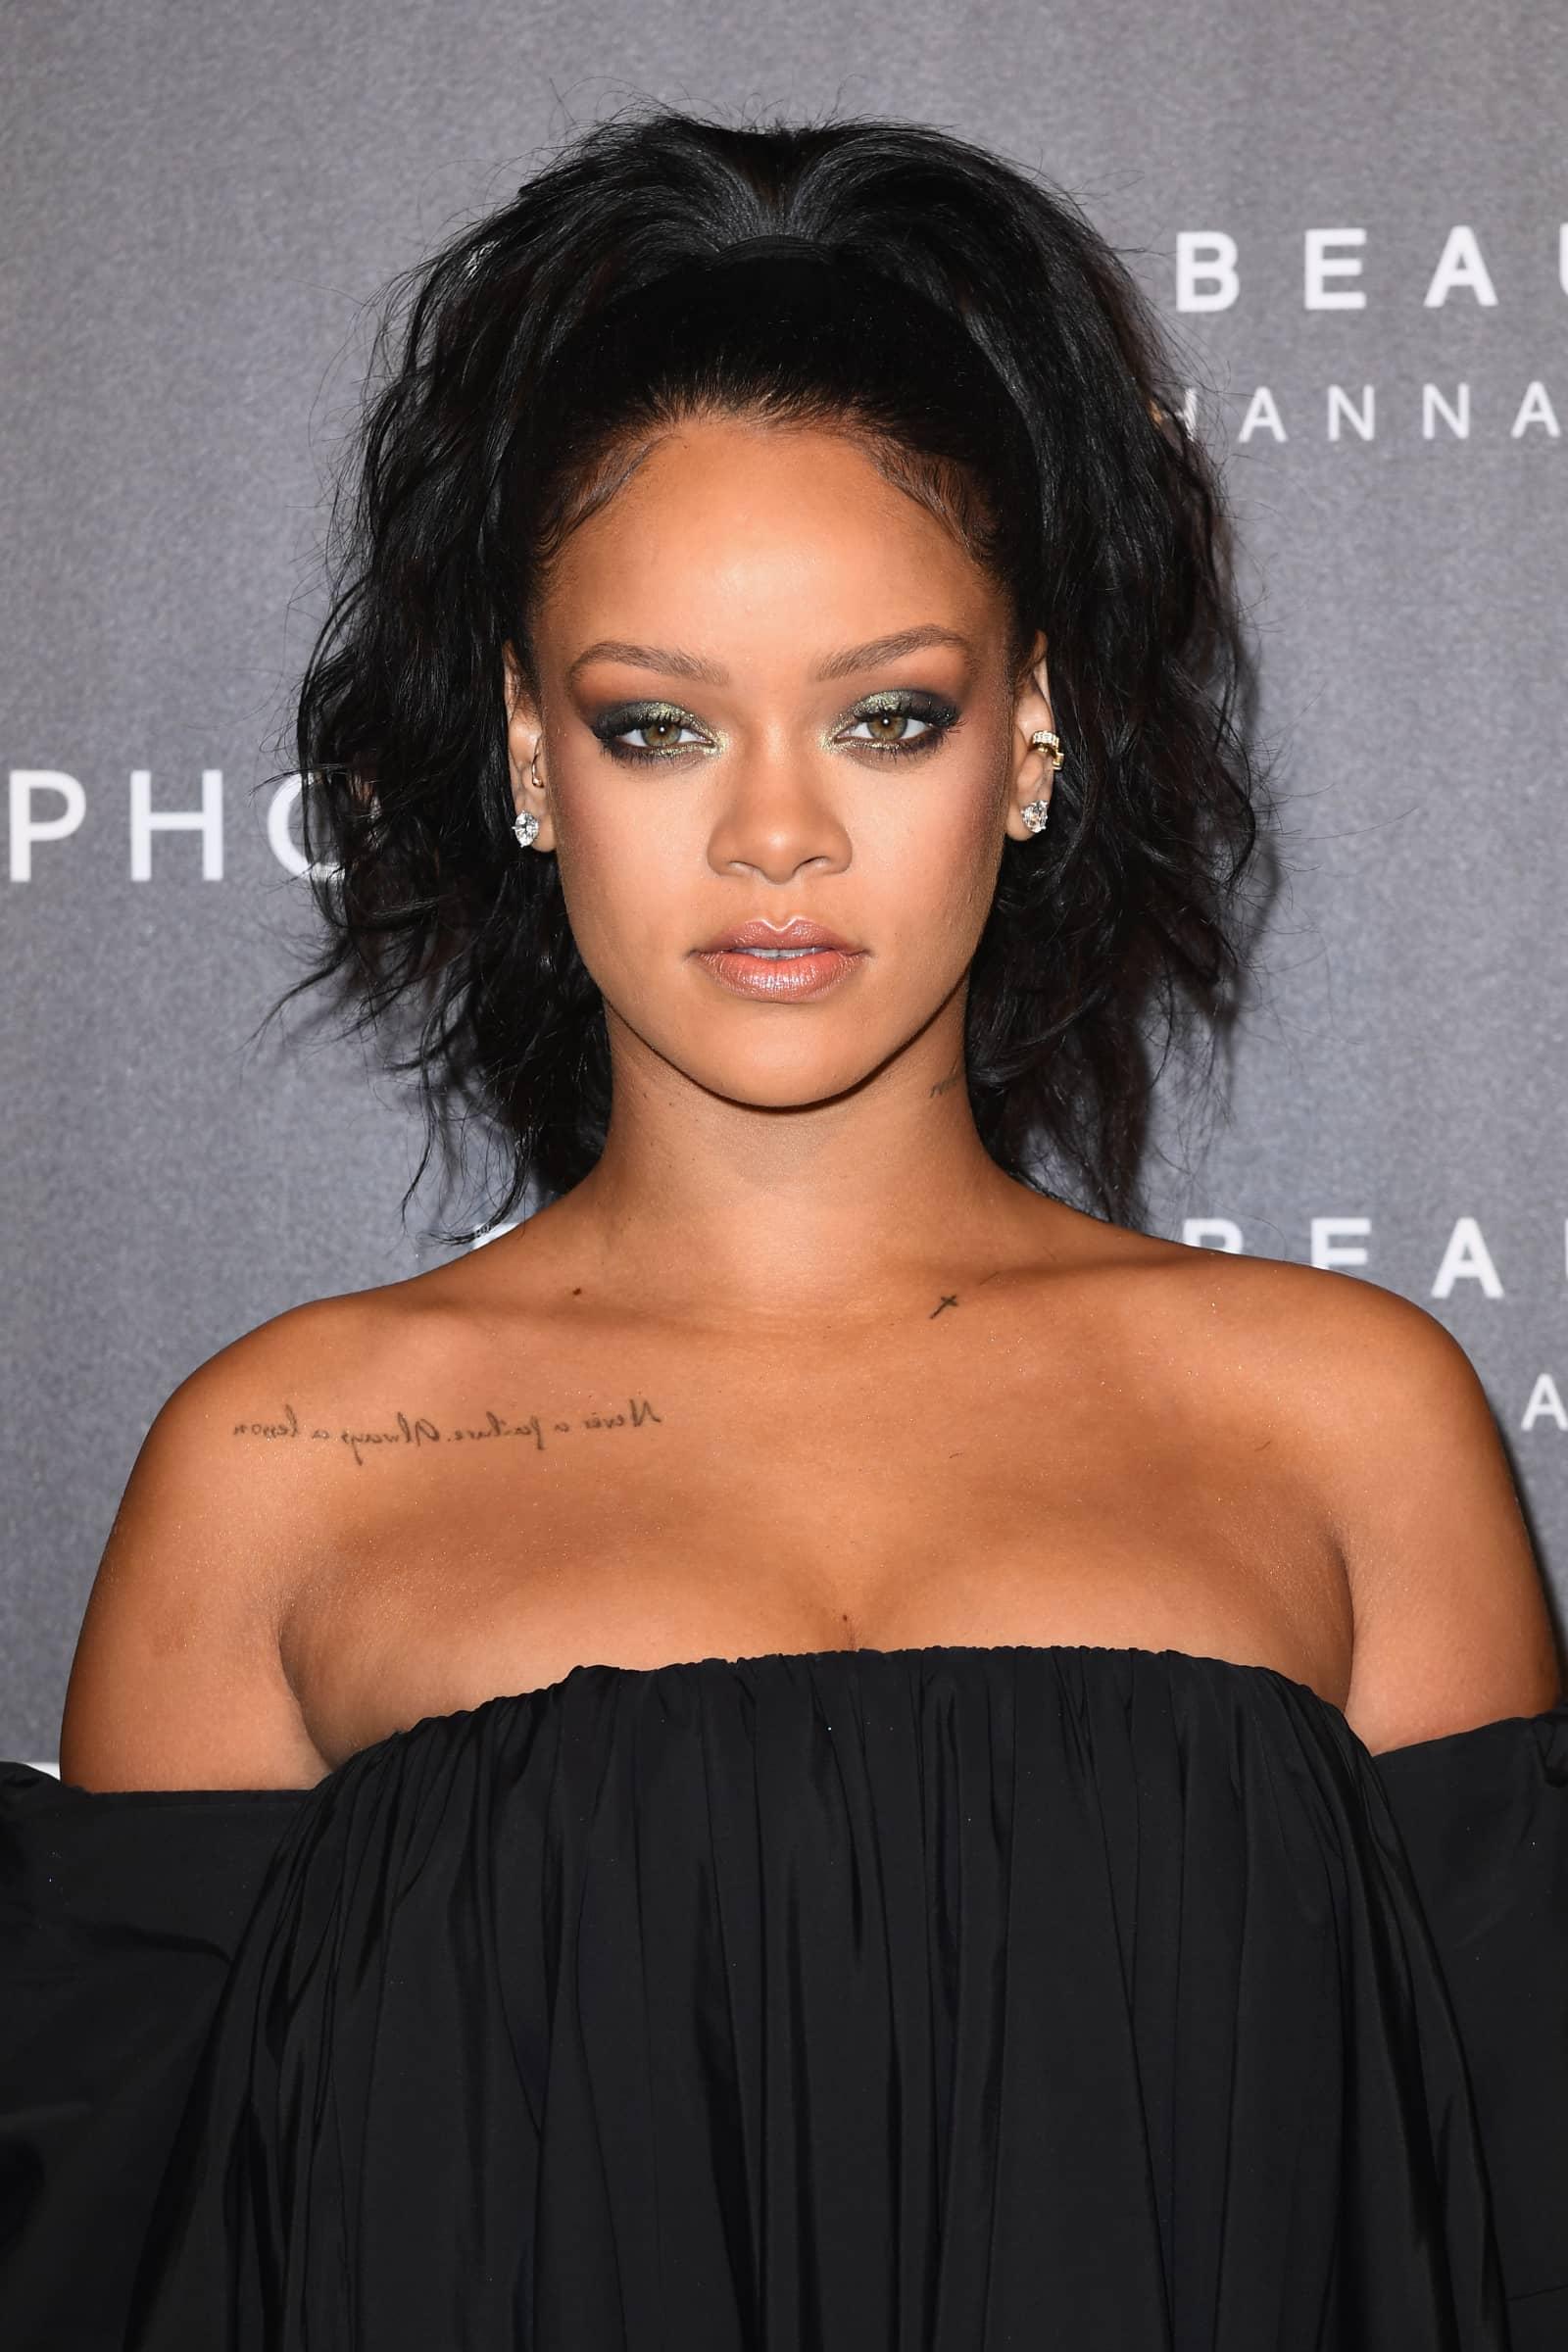 Rihannas Gewichtsschwankungen haben ihre Modelinie beeinflusst